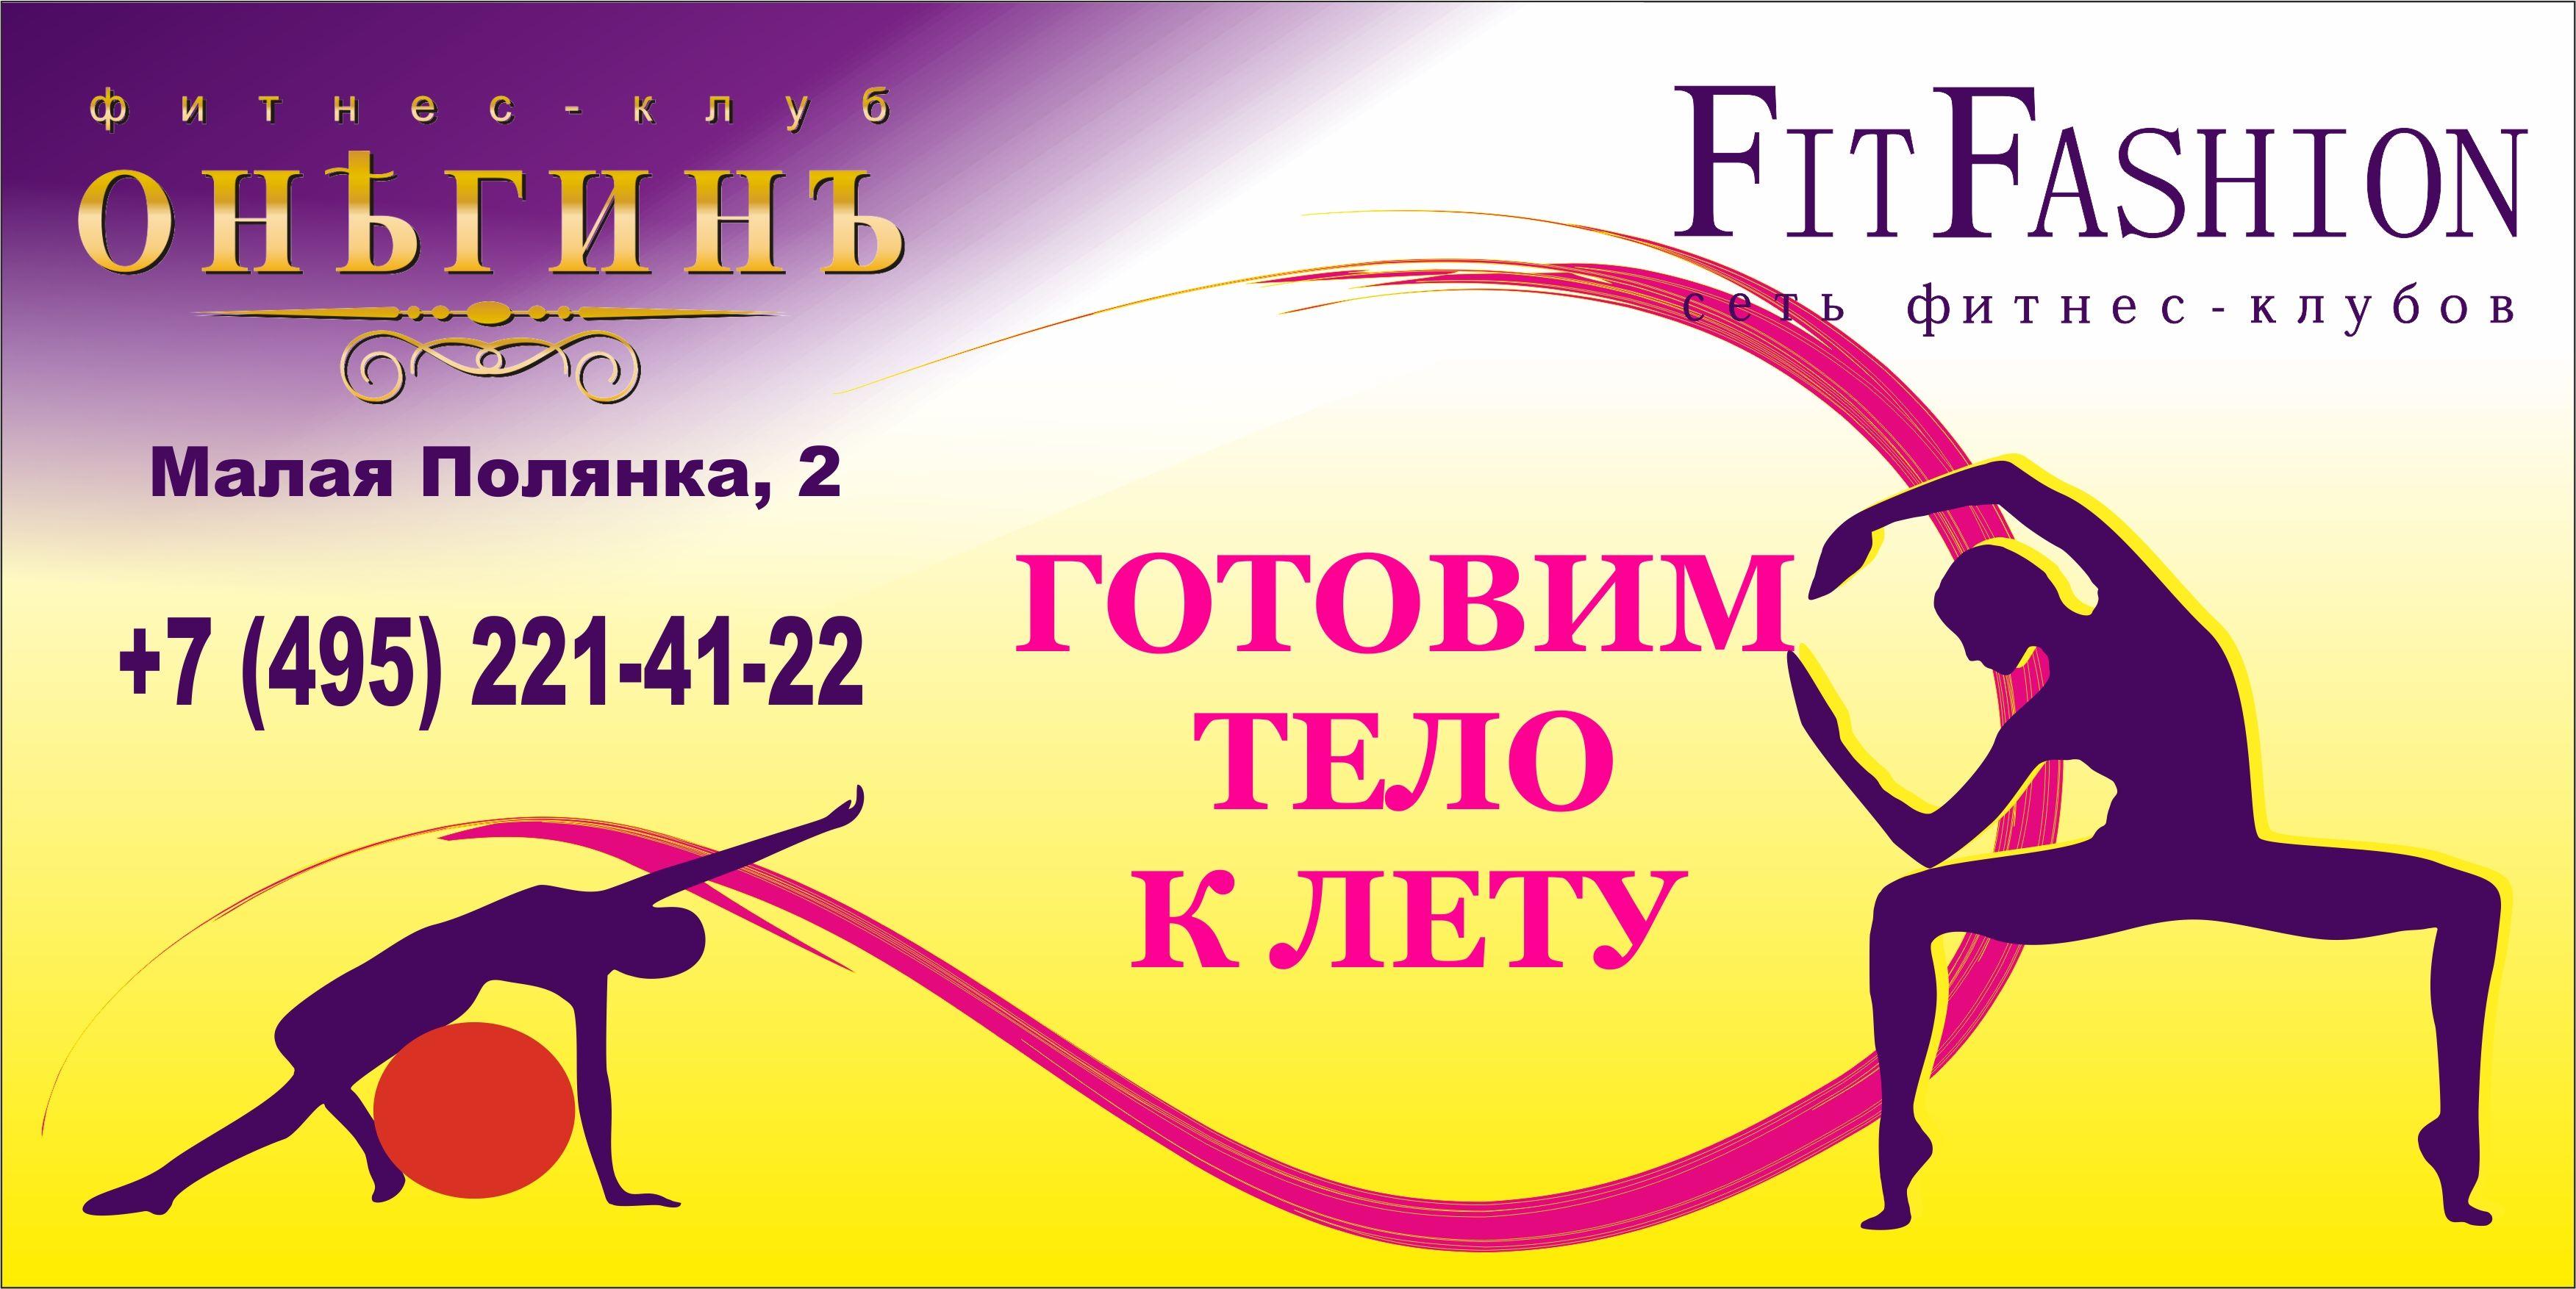 Дизайн наружной рекламы фитнес-клуба - дизайнер oksana123456